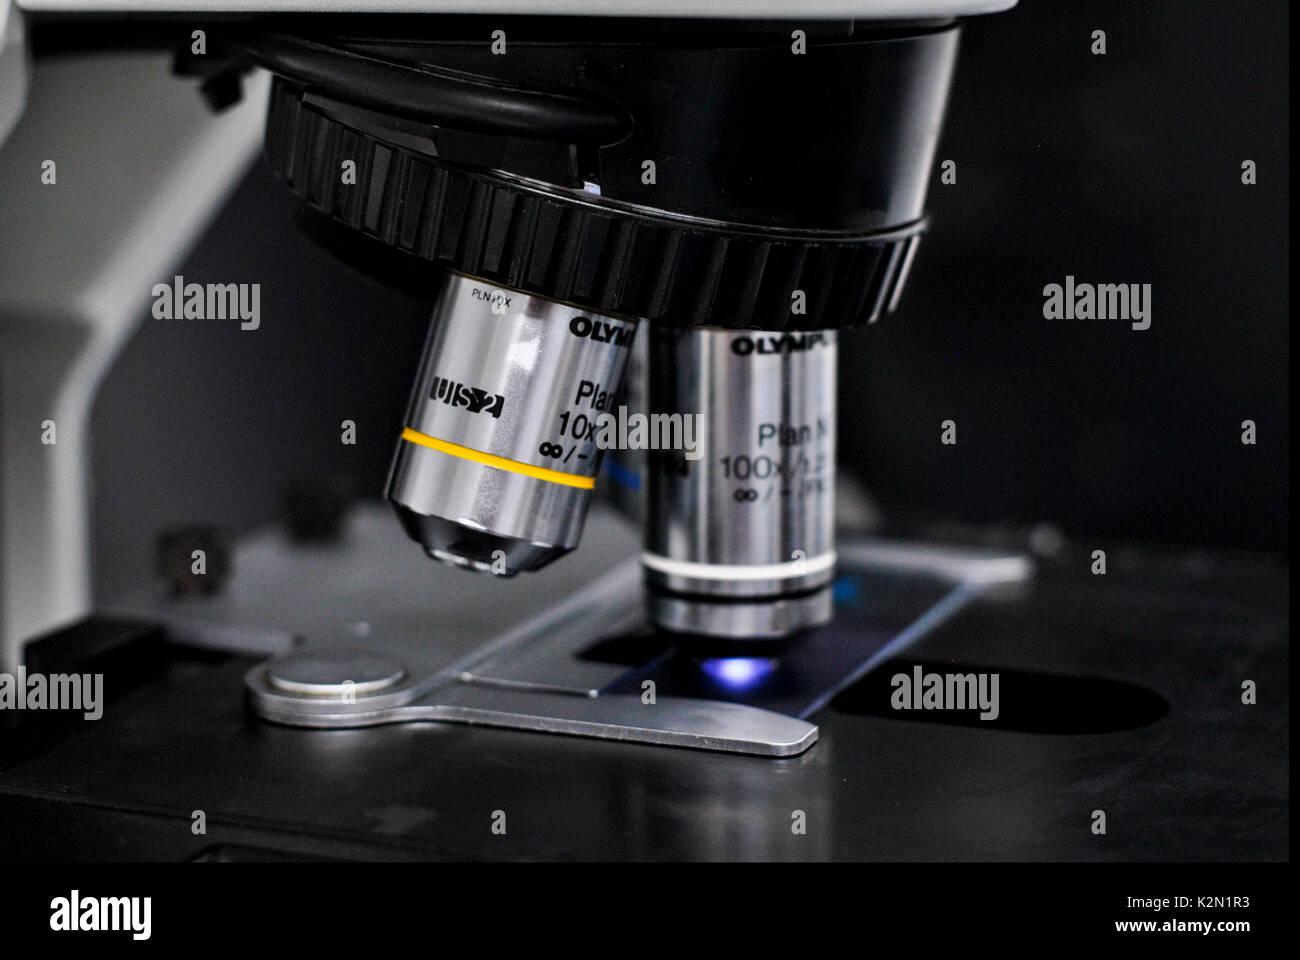 Tlg kinder mikroskop set im koffer  fach mikroskop set